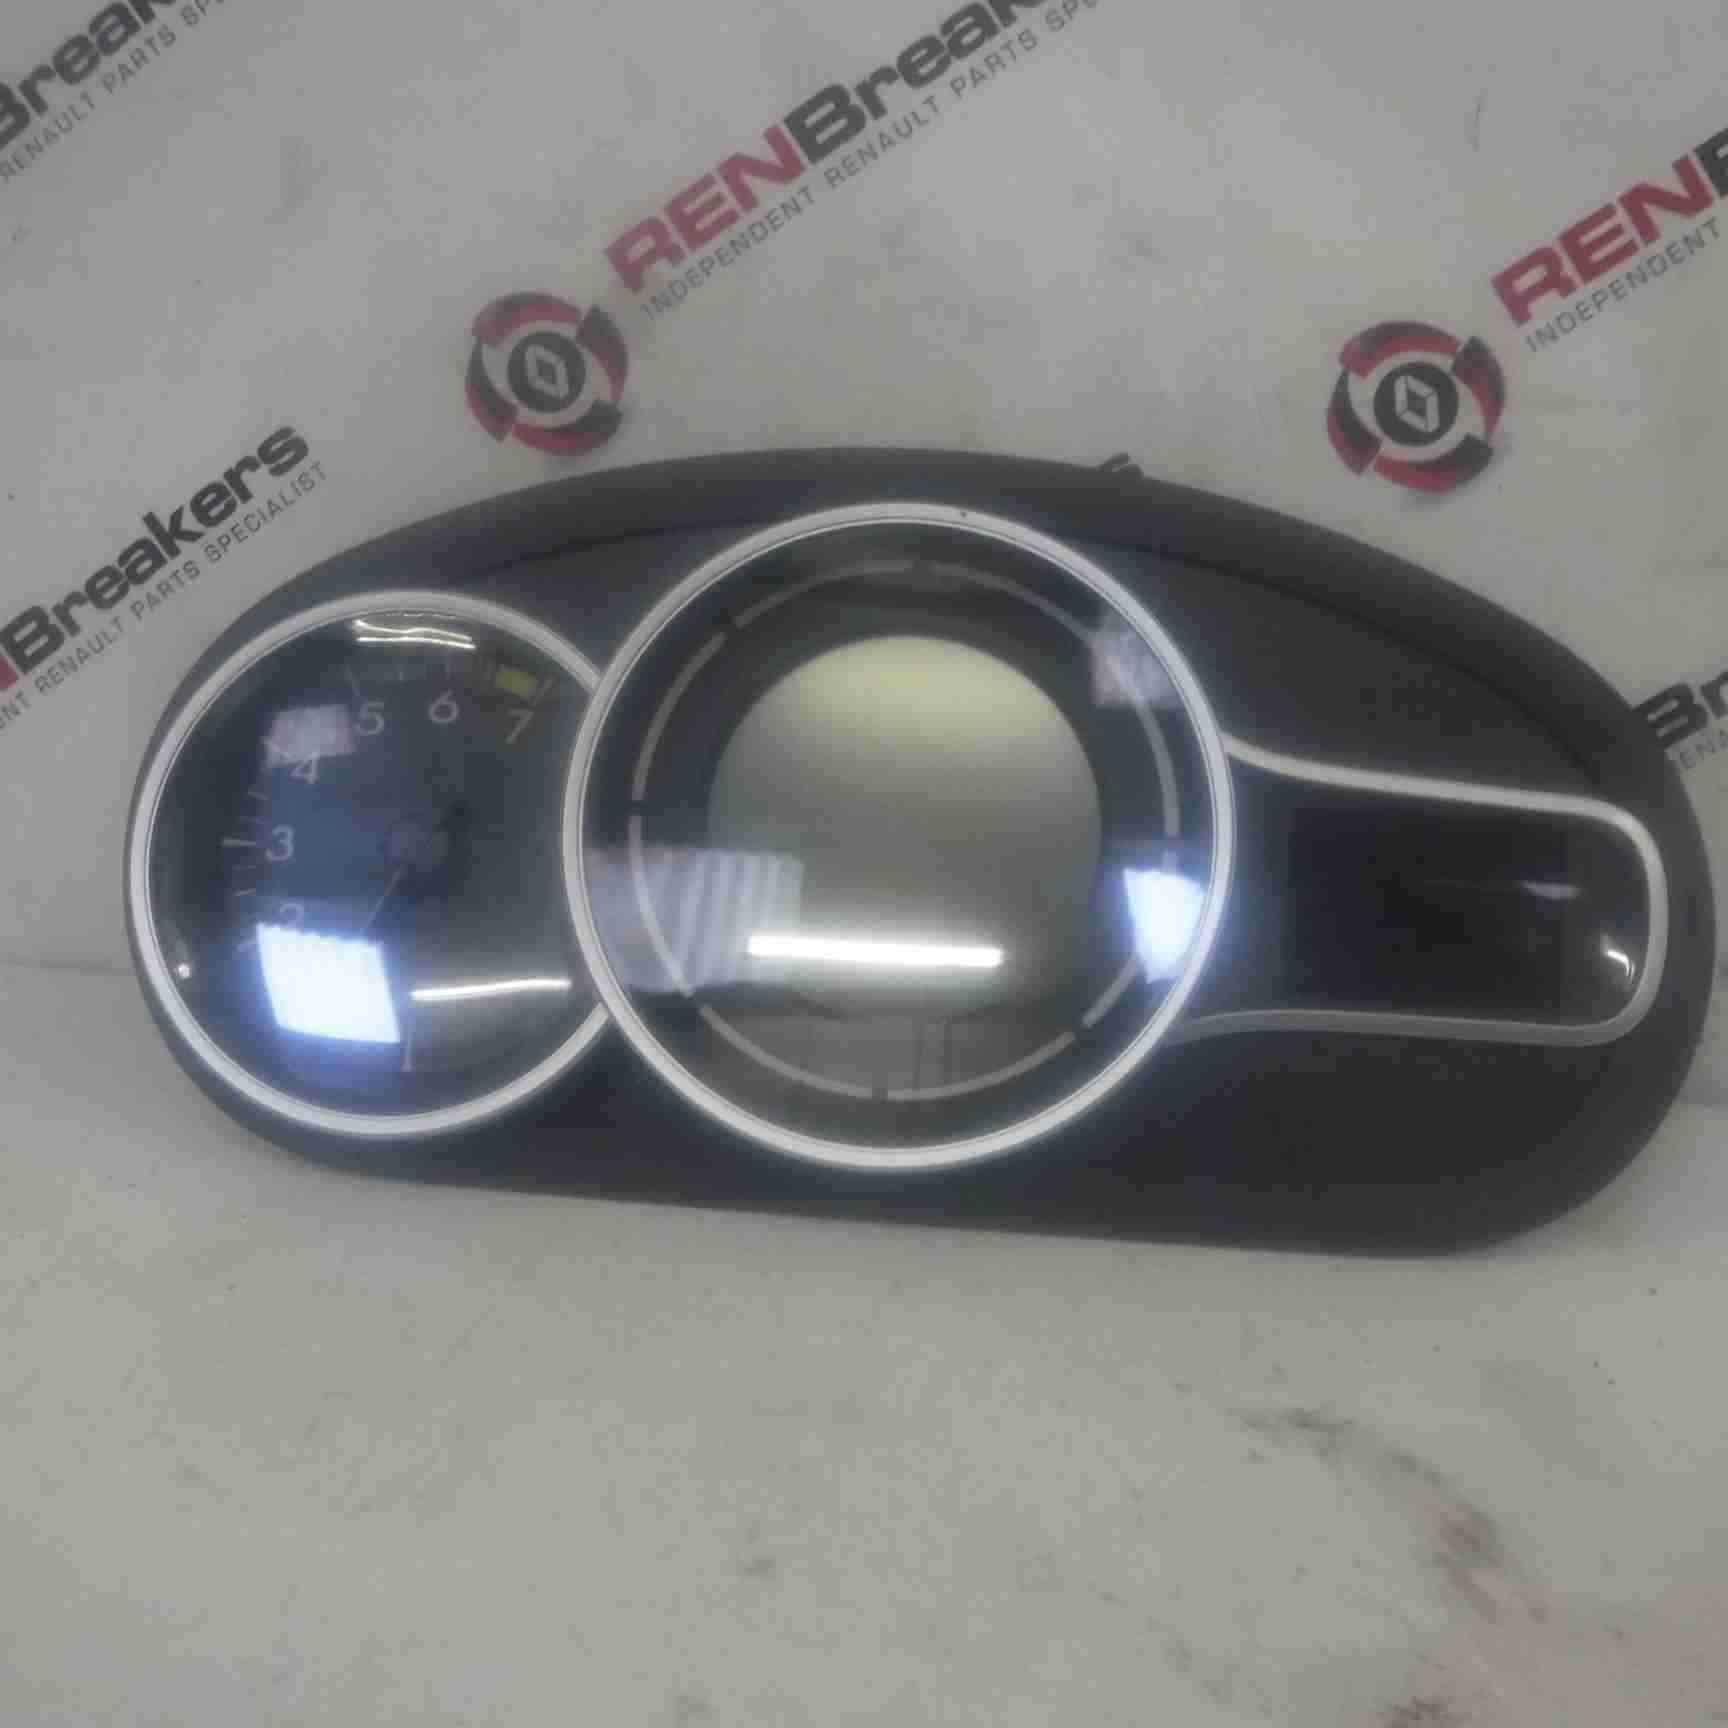 Renault Megane MK3 2008-2012 Instrument Panel Dials Clocks Cluster 84K